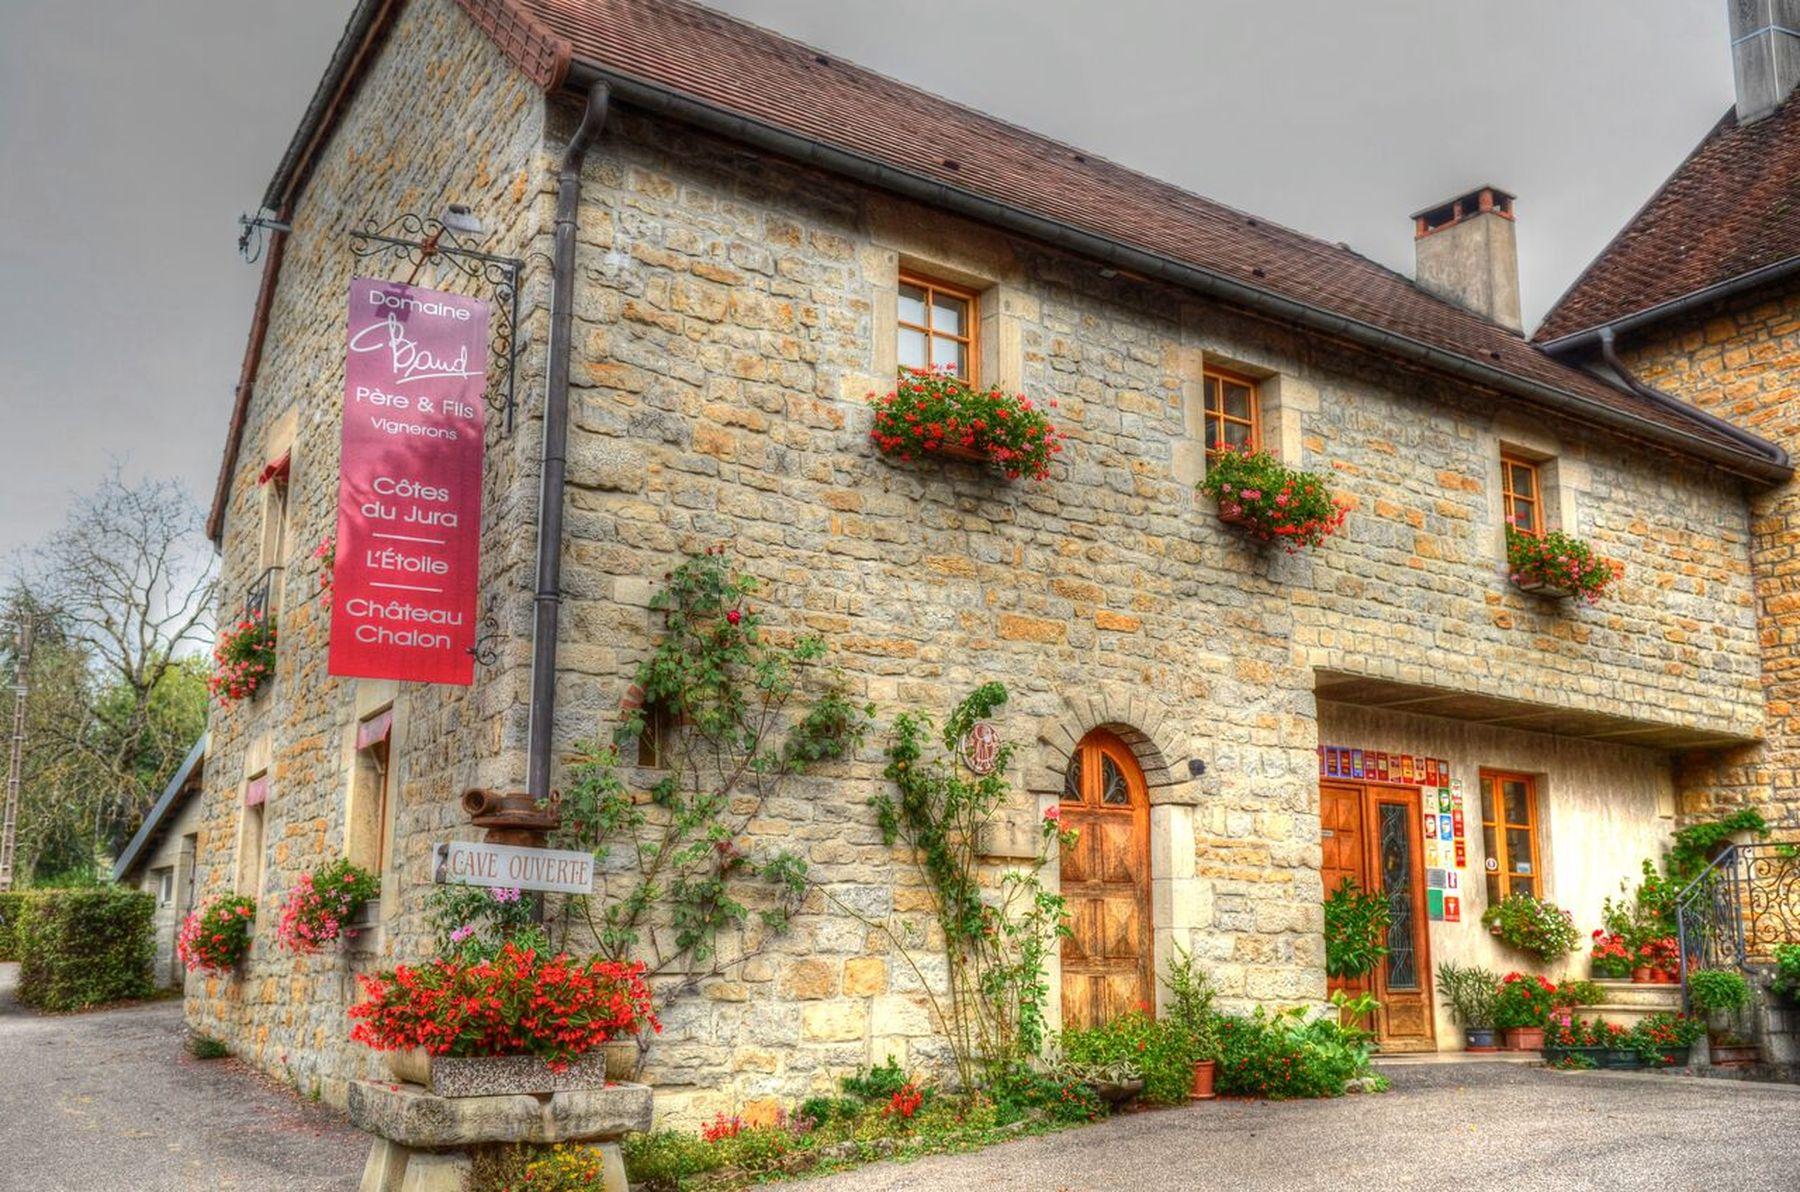 Domaine Baud (39), AOC des vins du Jura.